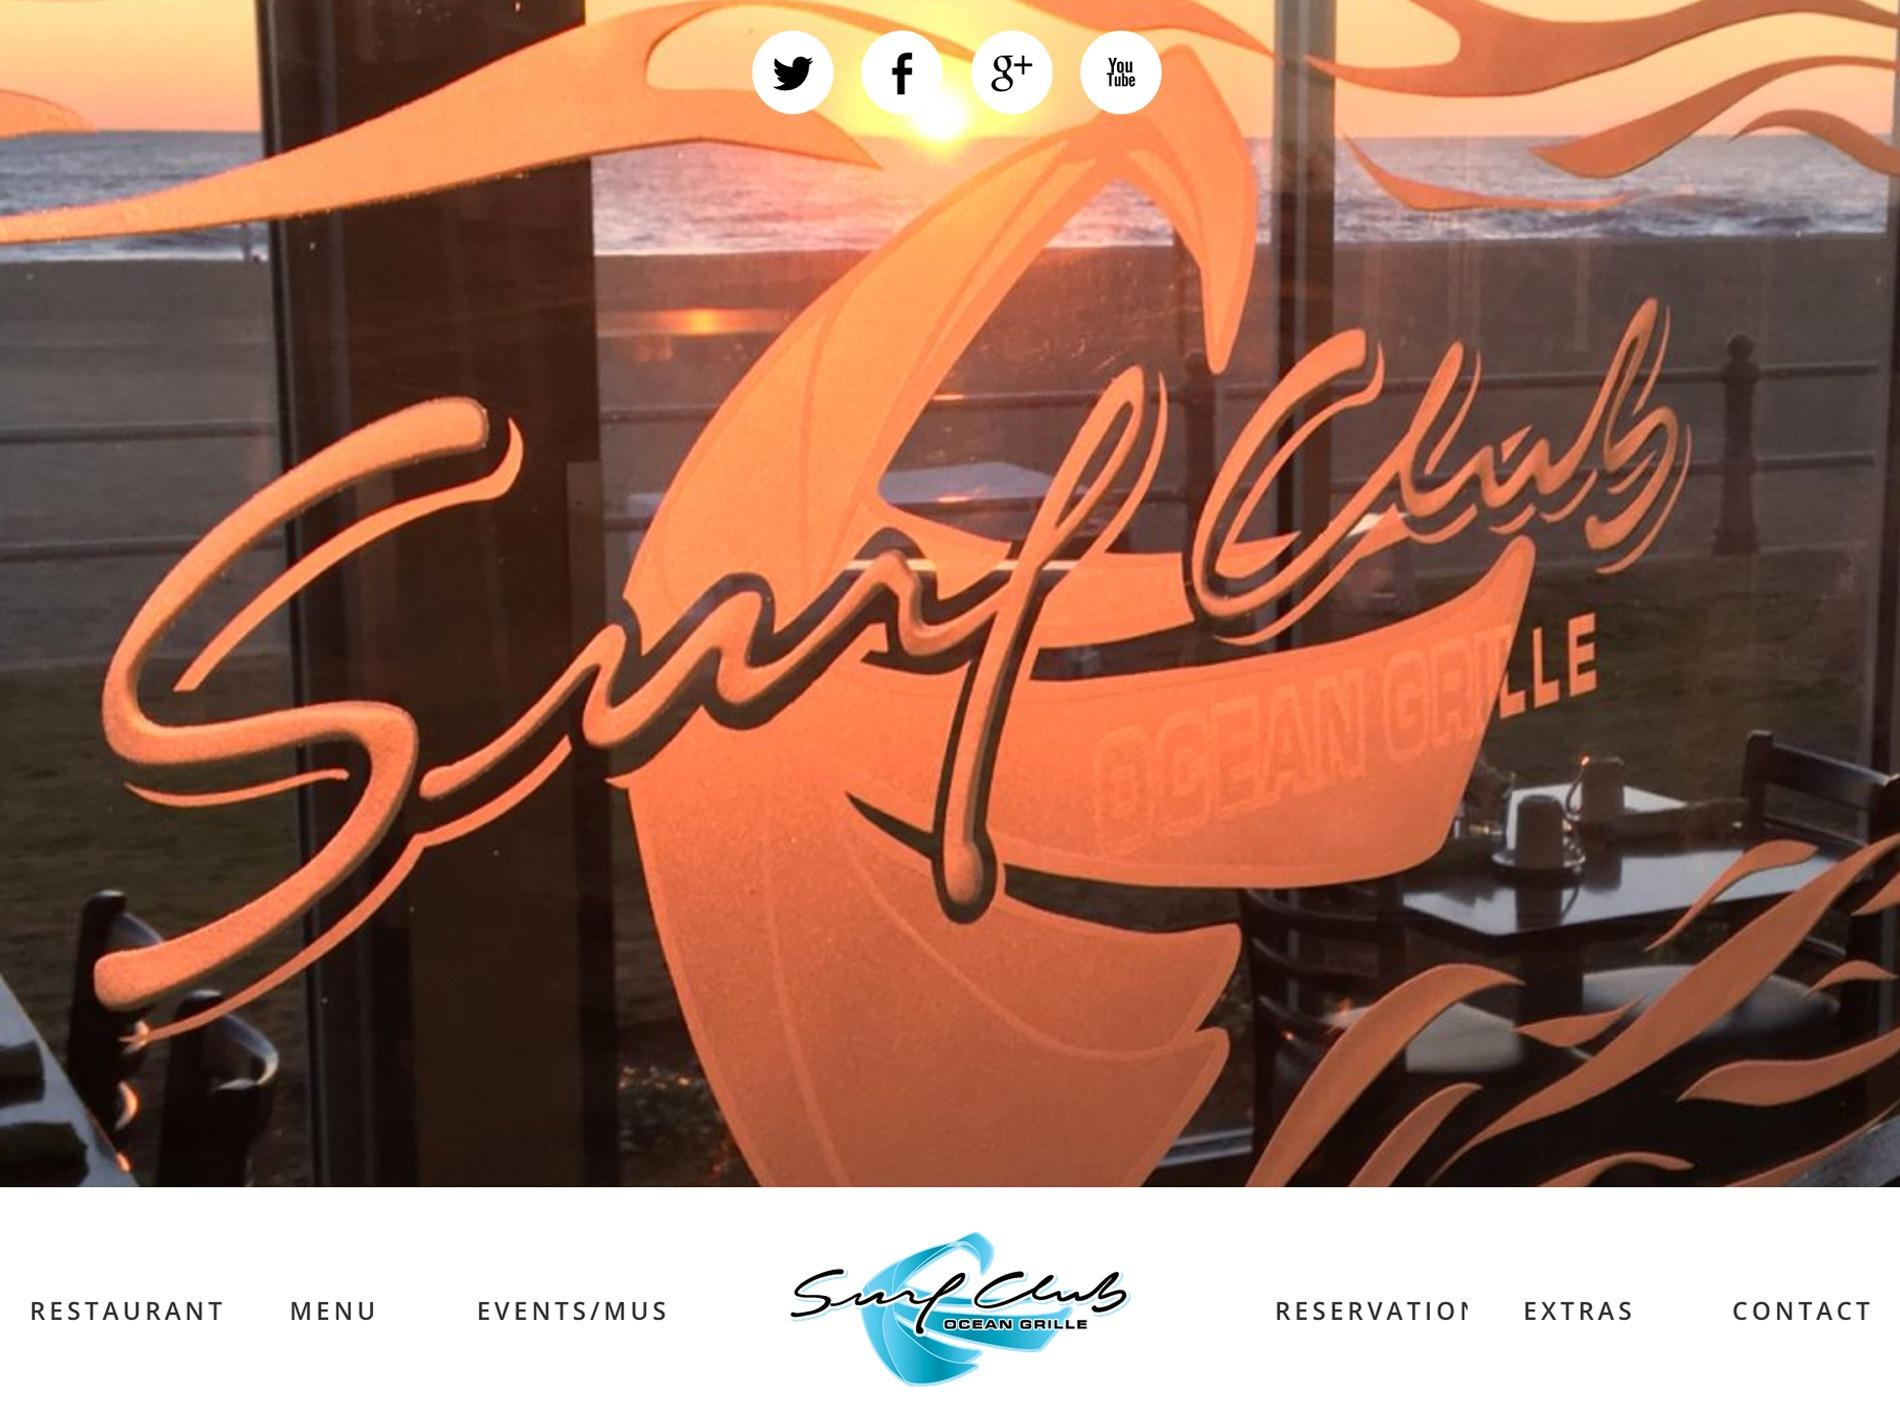 responsive website, surf club ocean grille